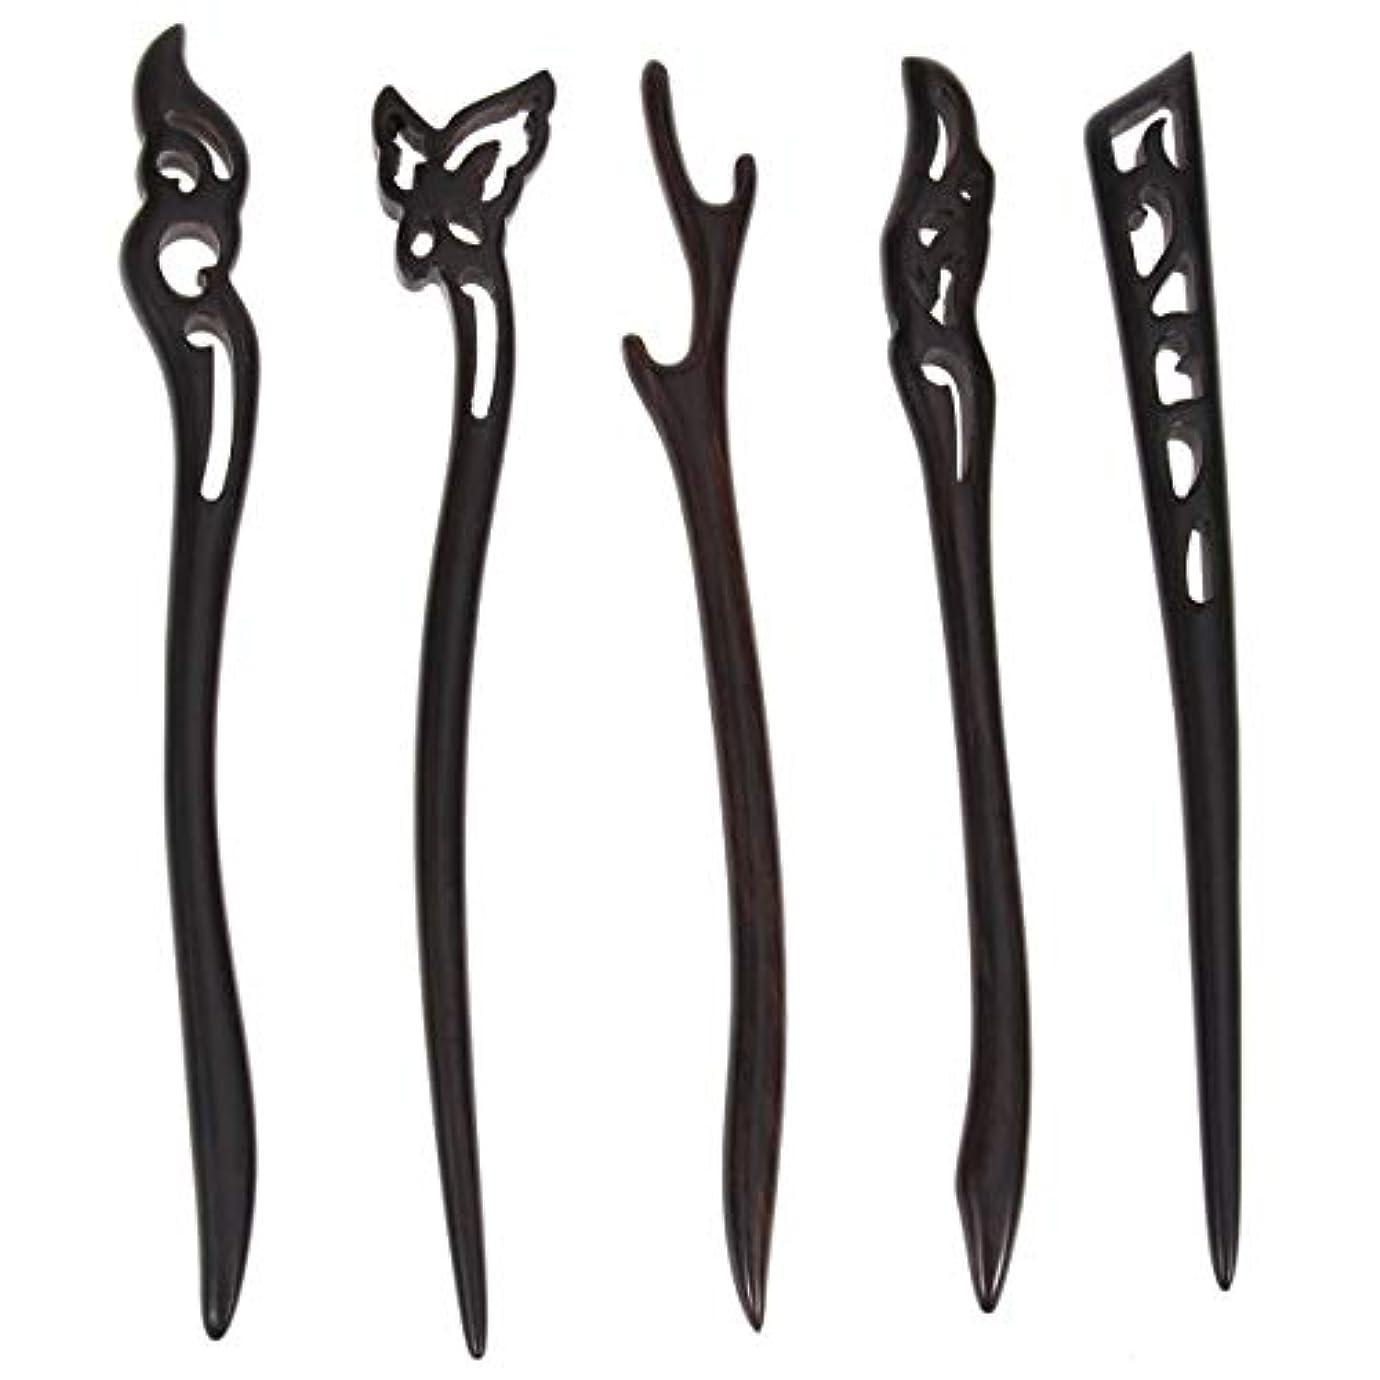 粒子同一のとしてLurrose 5ピース木製ヘアスティック中国髪箸中空彫刻デザイン用女性ロングヘアスタイリング